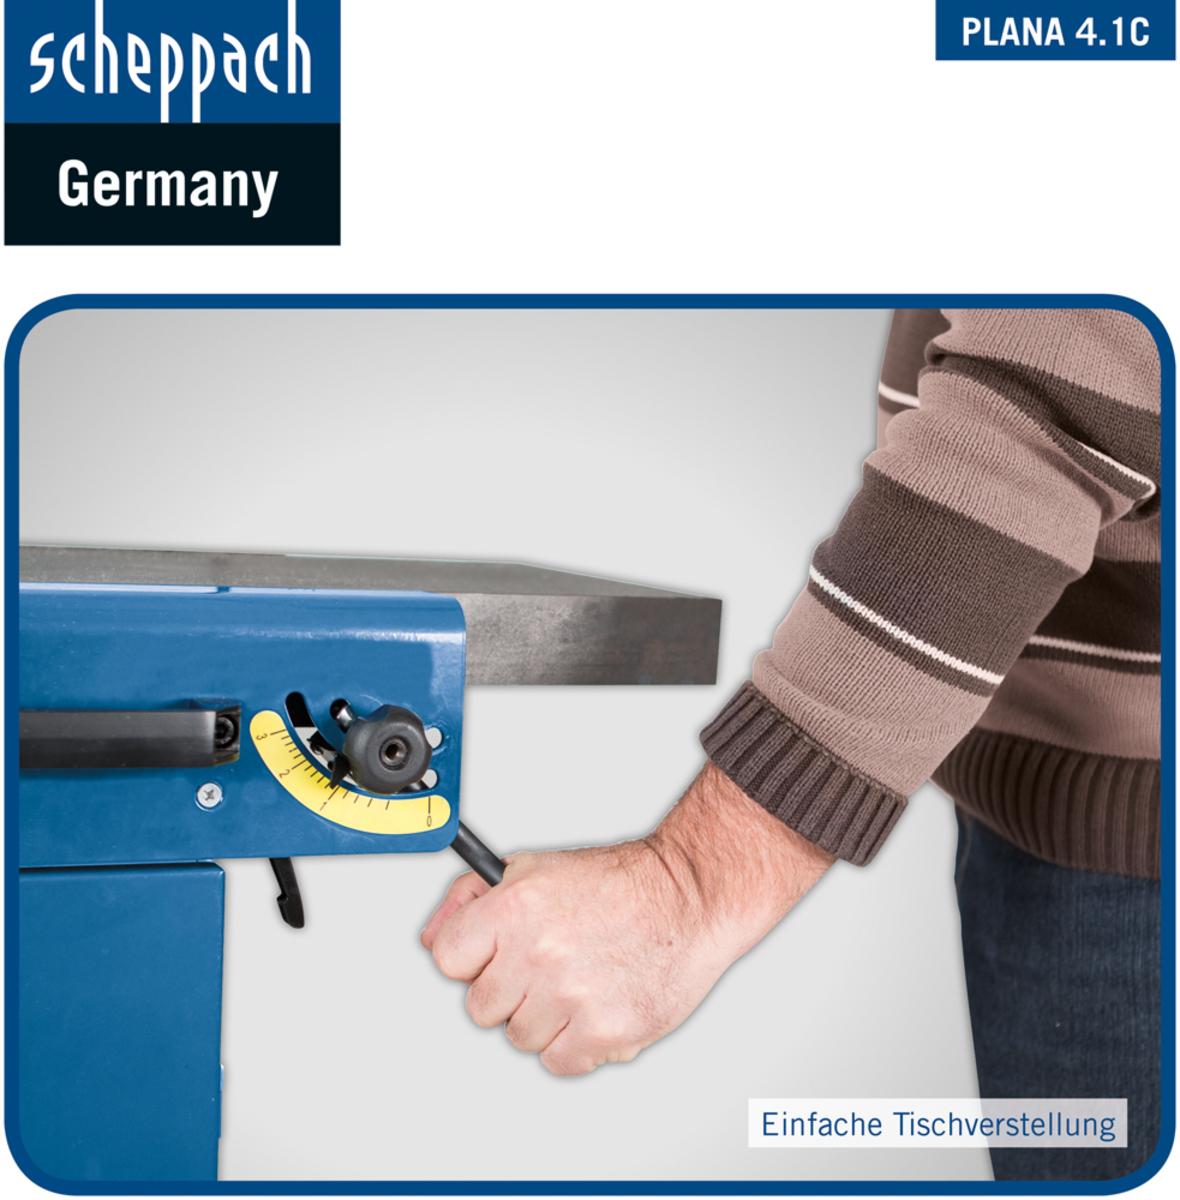 Bild 3 von Scheppach Abricht-Dickenhobel Plana 4.1c 230V/50Hz 2.5 kW